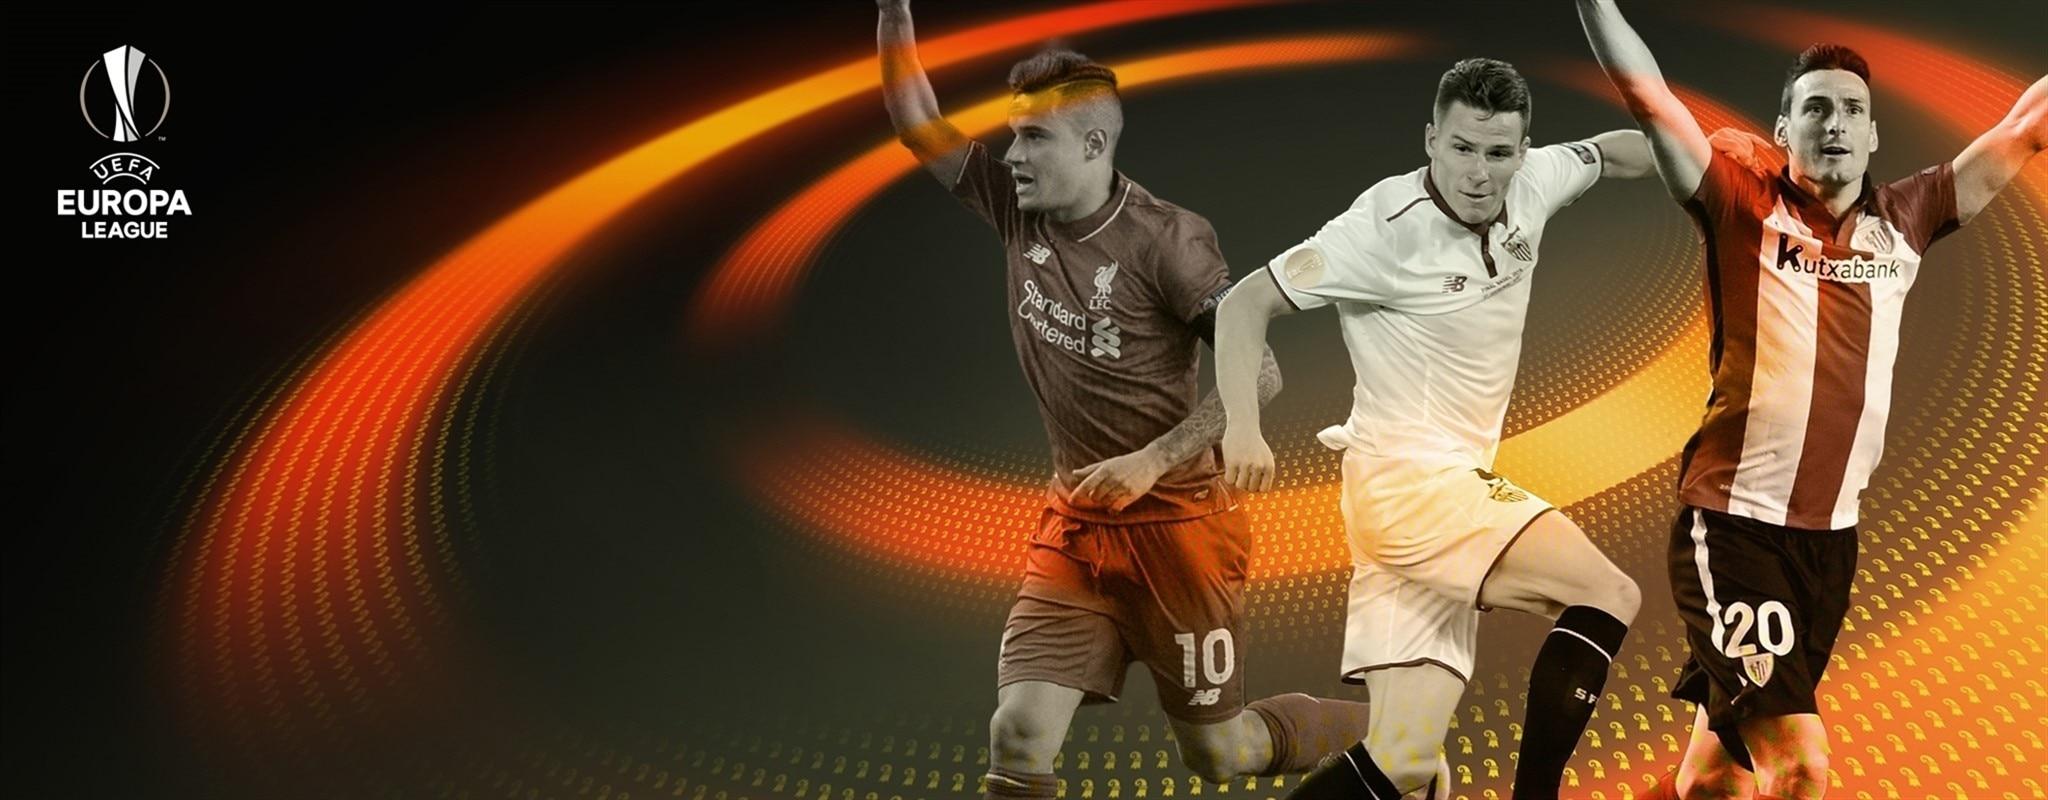 Auslosung Euro League